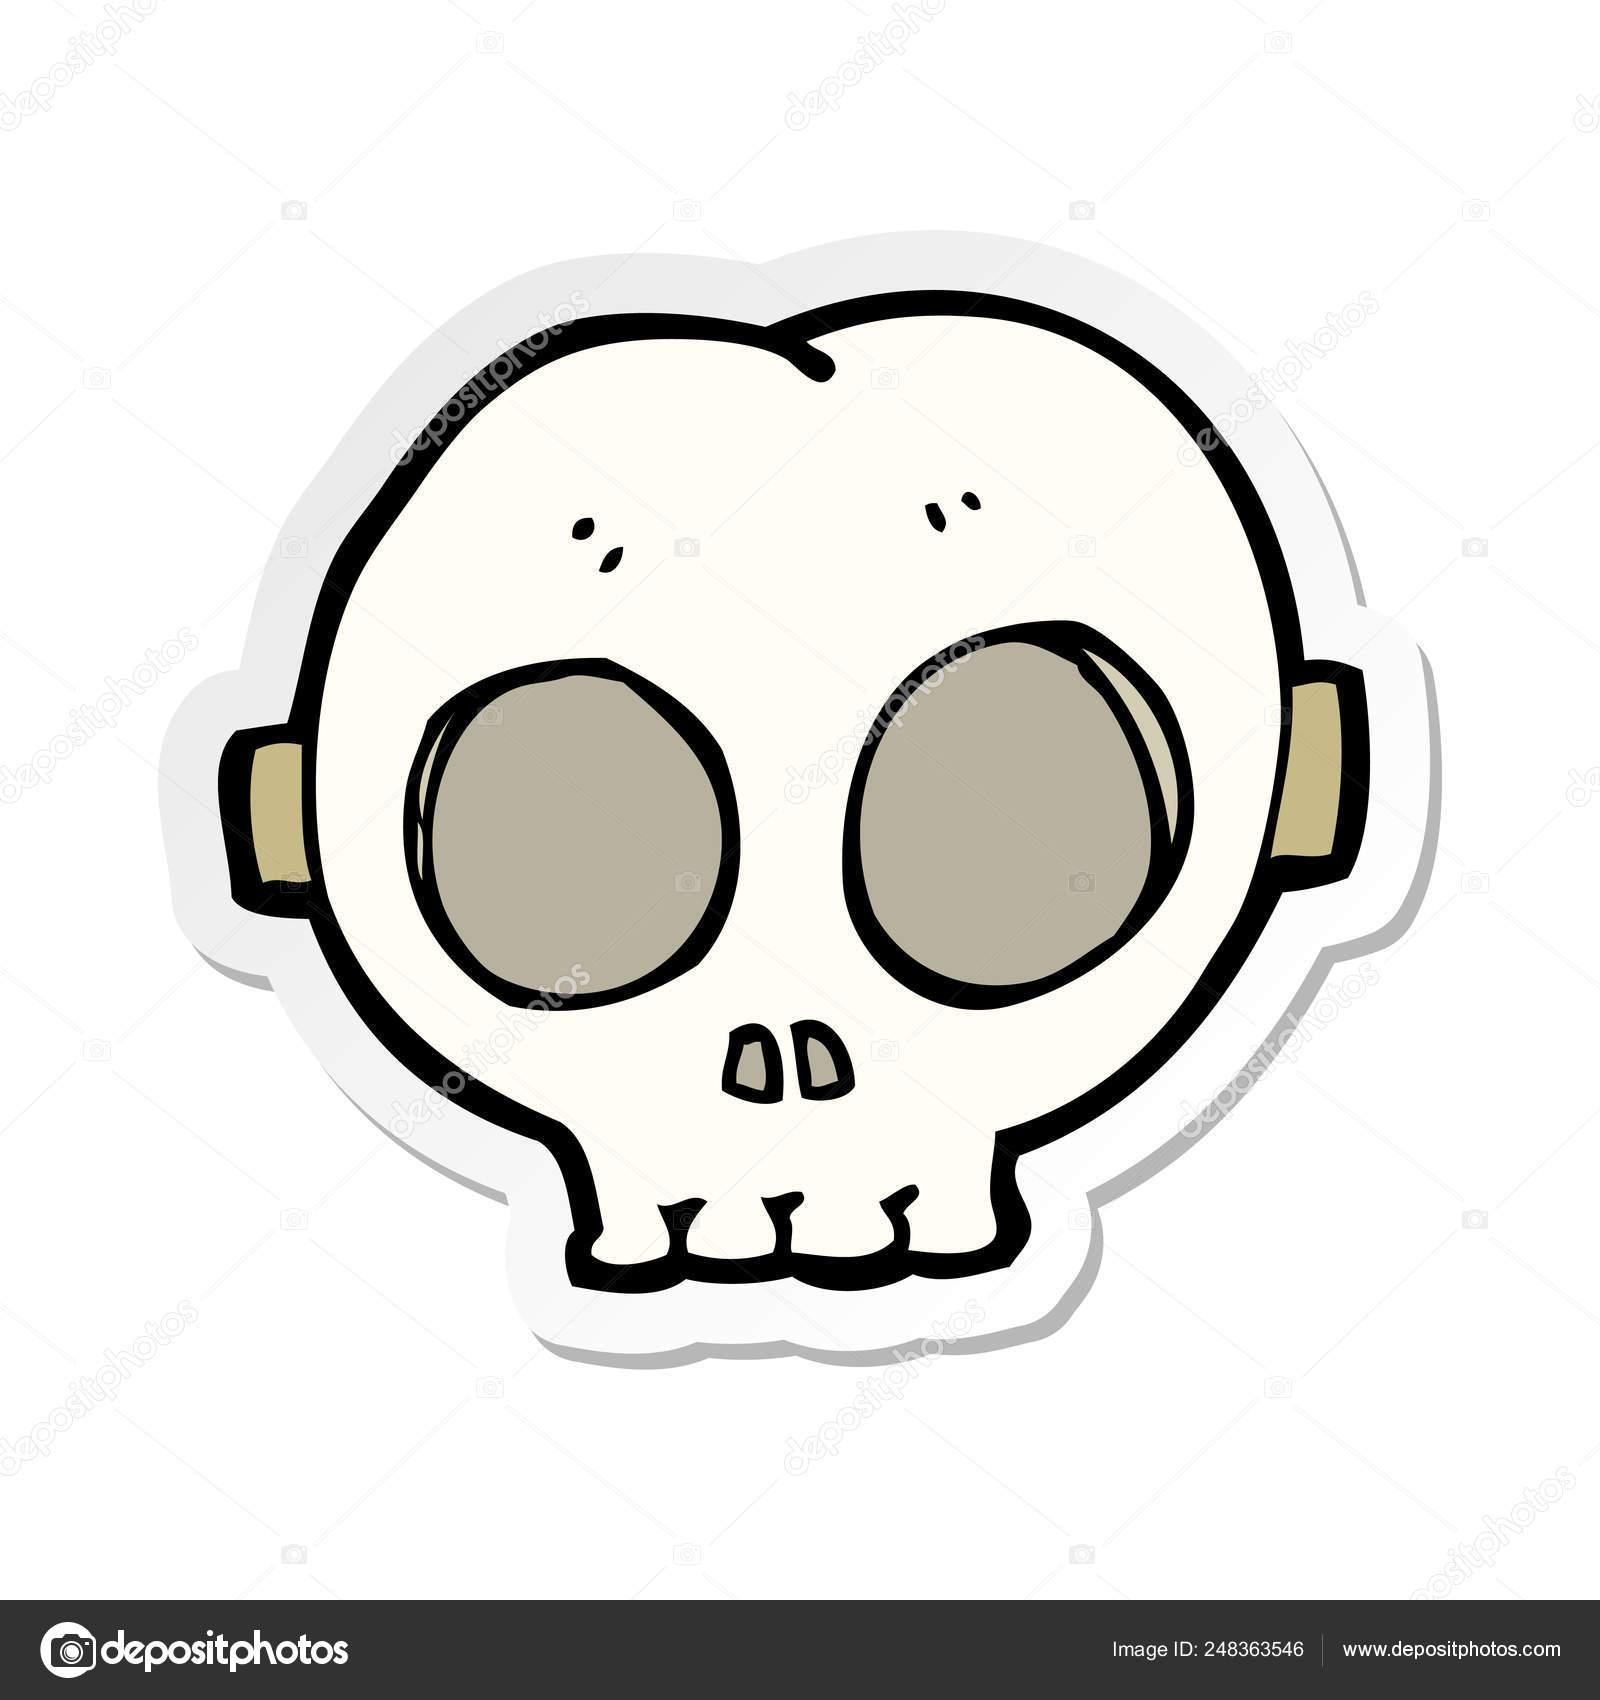 depositphotos stock illustration sticker cartoon halloween skull mask